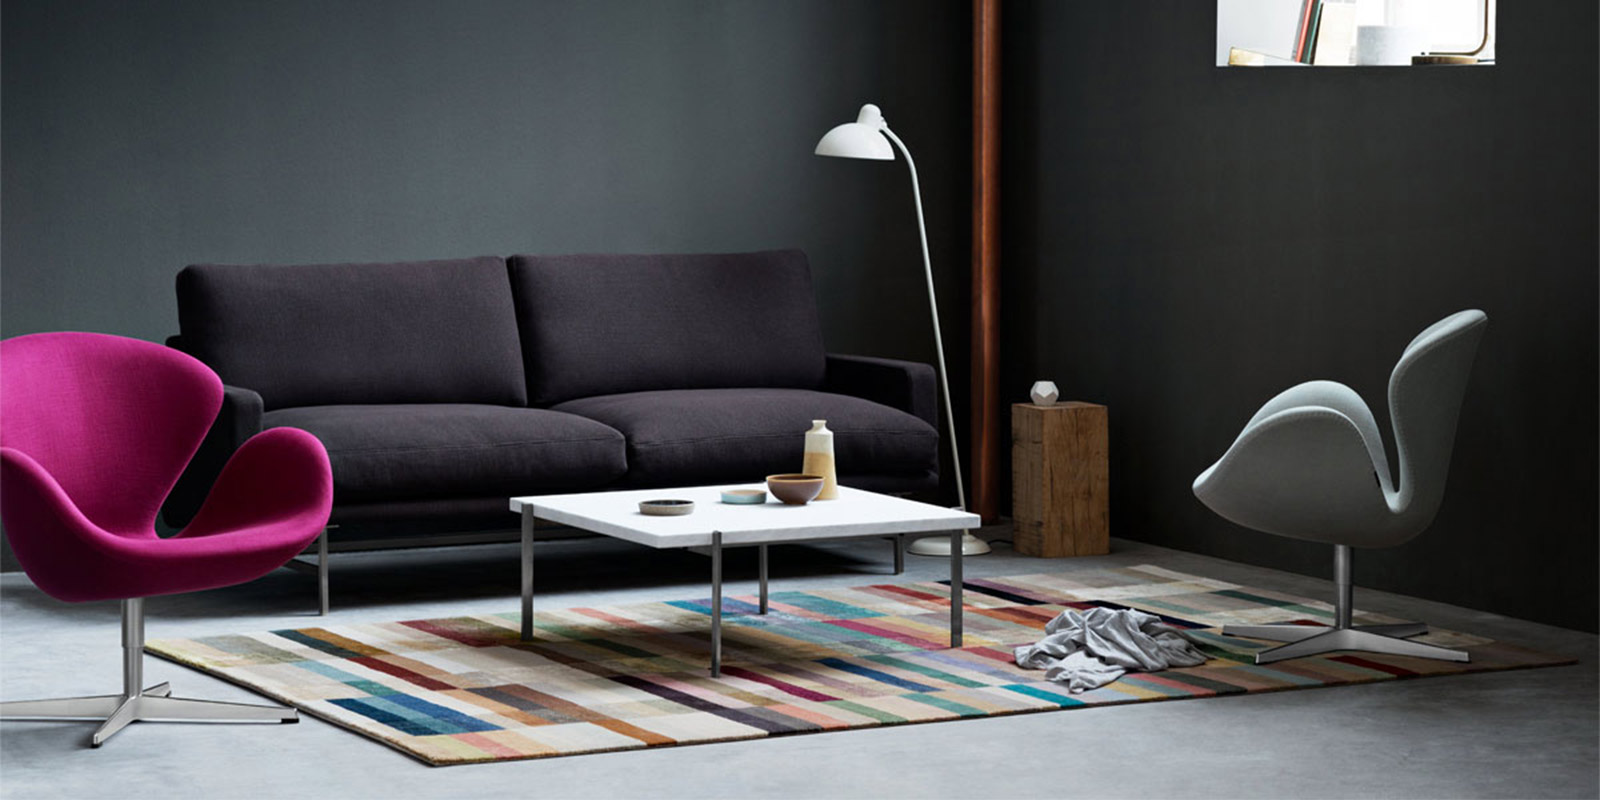 Miljøbilde av PK 61 sofabord